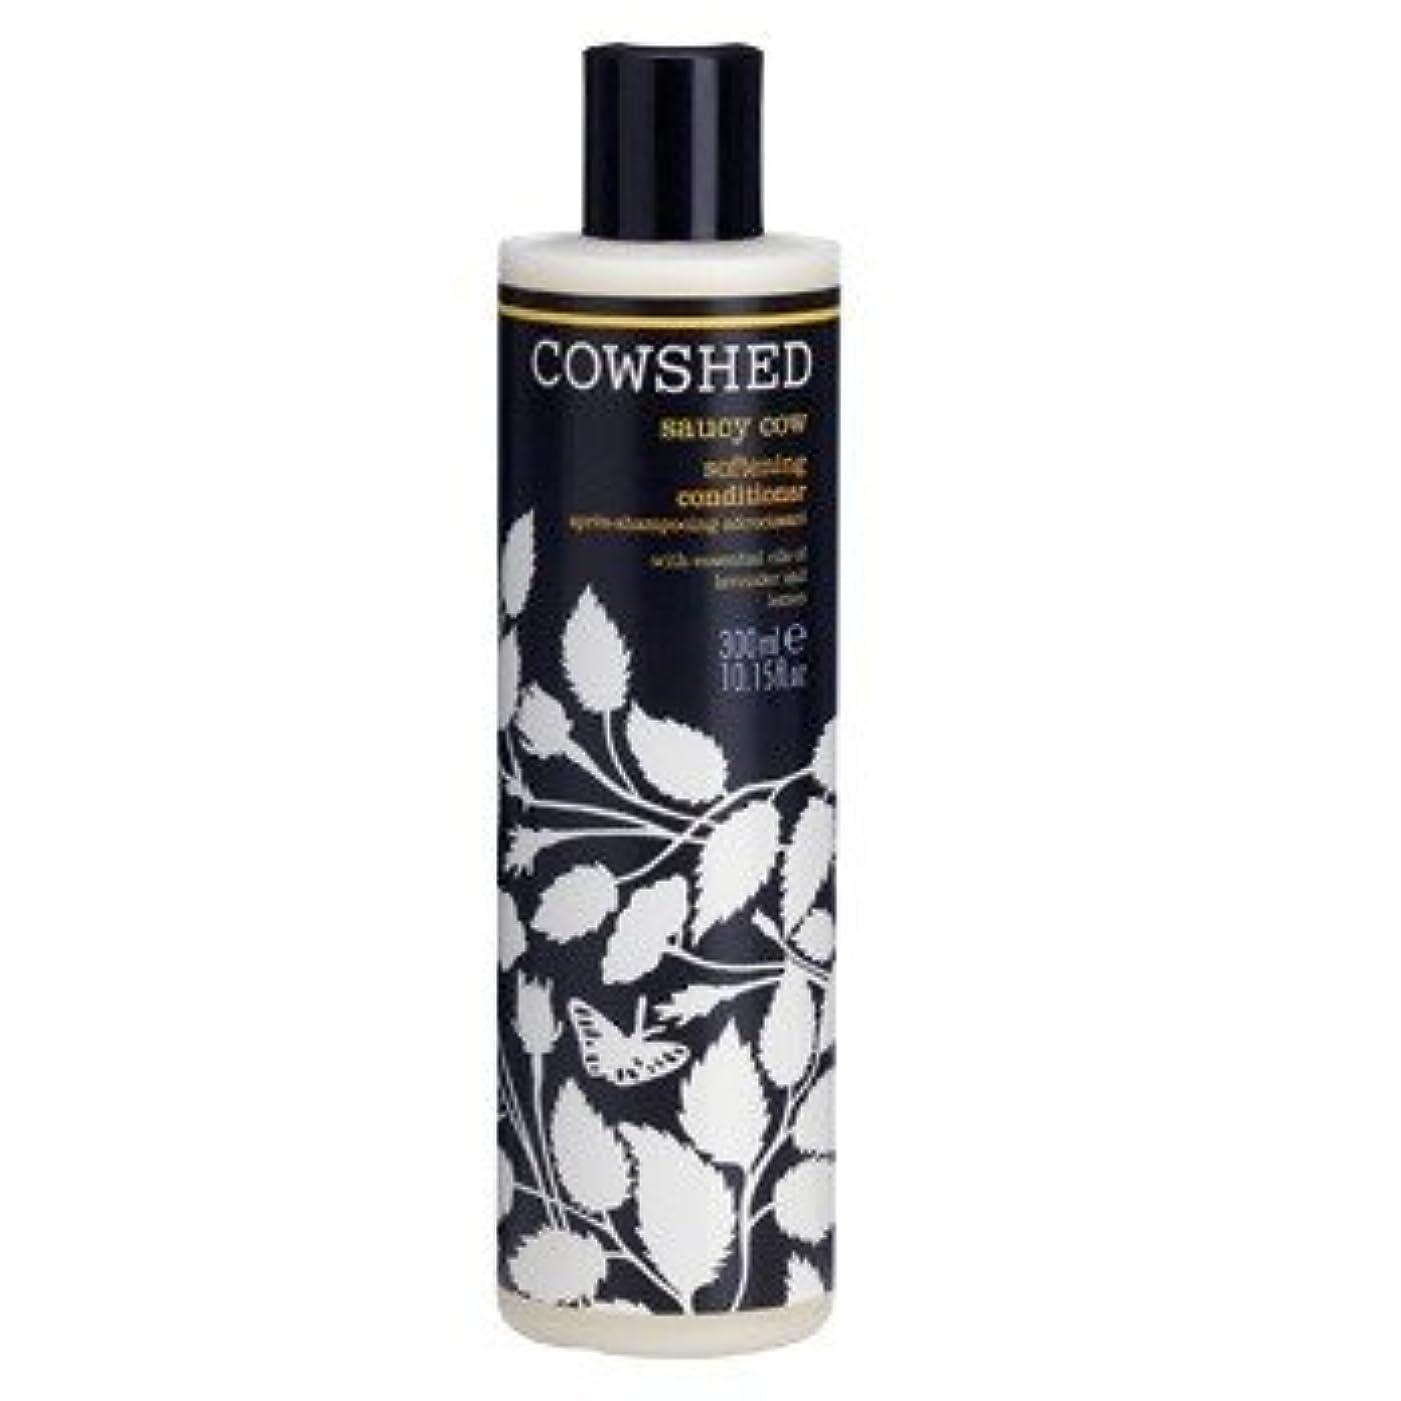 地域極小更新する牛舎生意気な牛軟化コンディショナー300ミリリットル (Cowshed) (x6) - Cowshed Saucy Cow Softening Conditioner 300ml (Pack of 6) [並行輸入品]